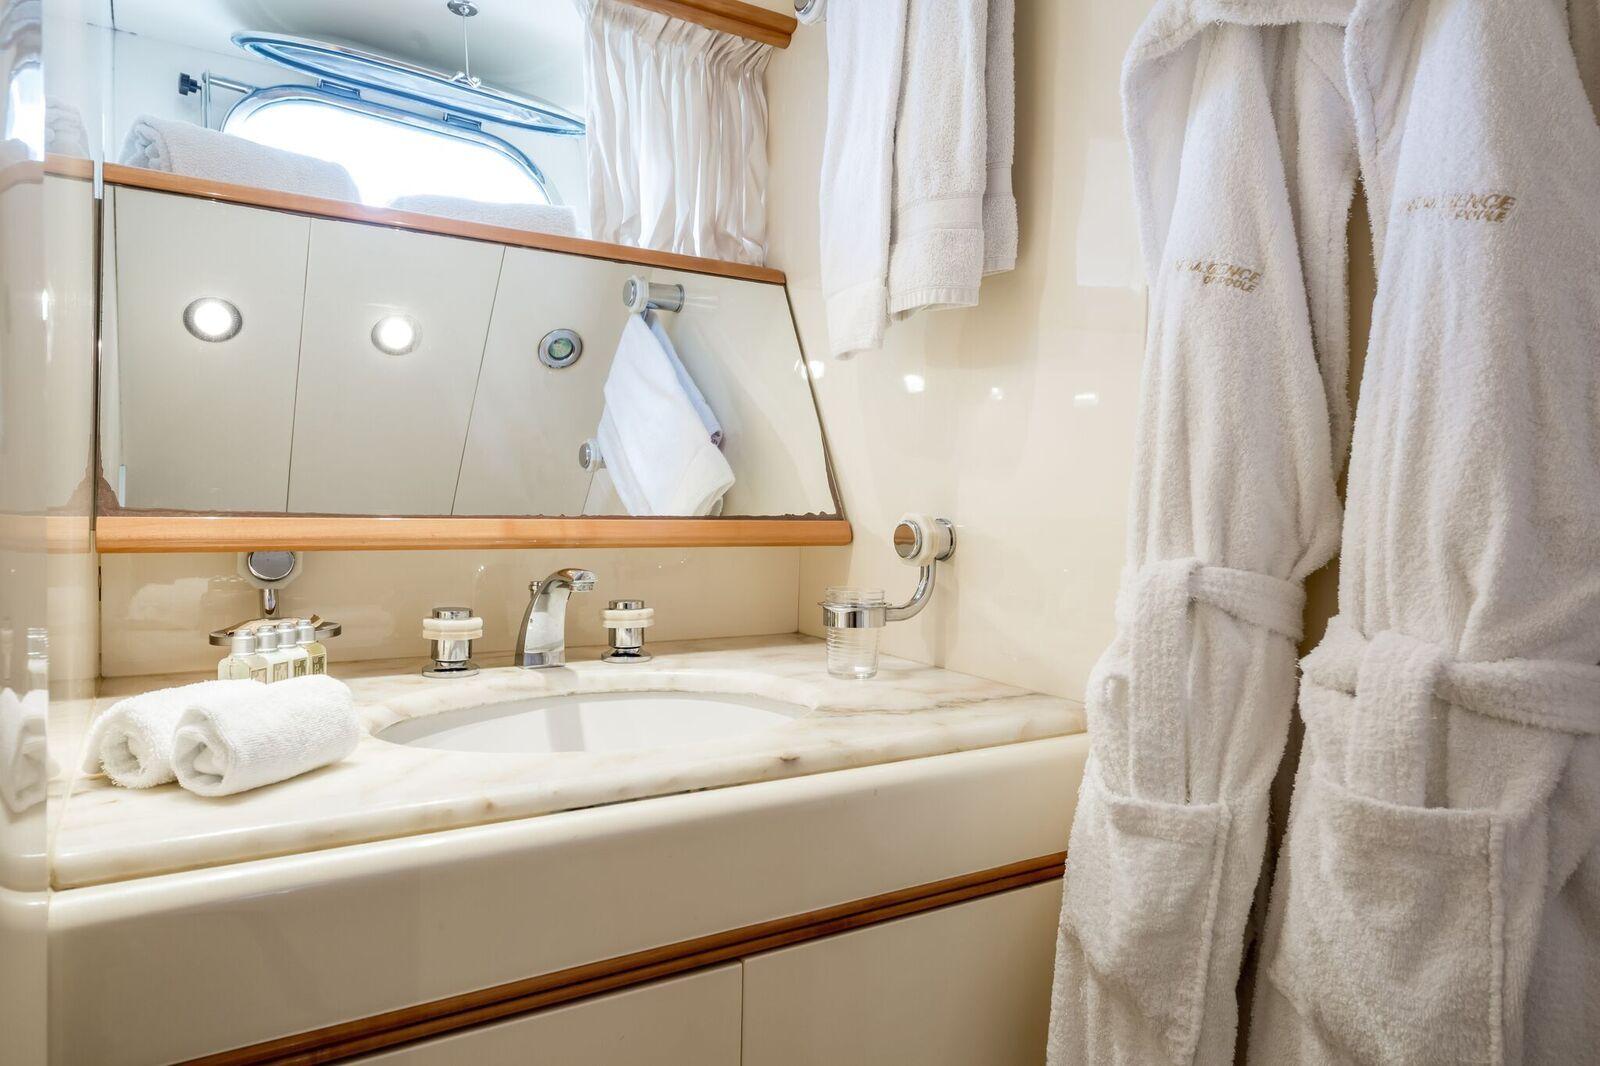 INDULGENCE OF POOLE Mangusta 86 Luxury Superyacht Bathroom